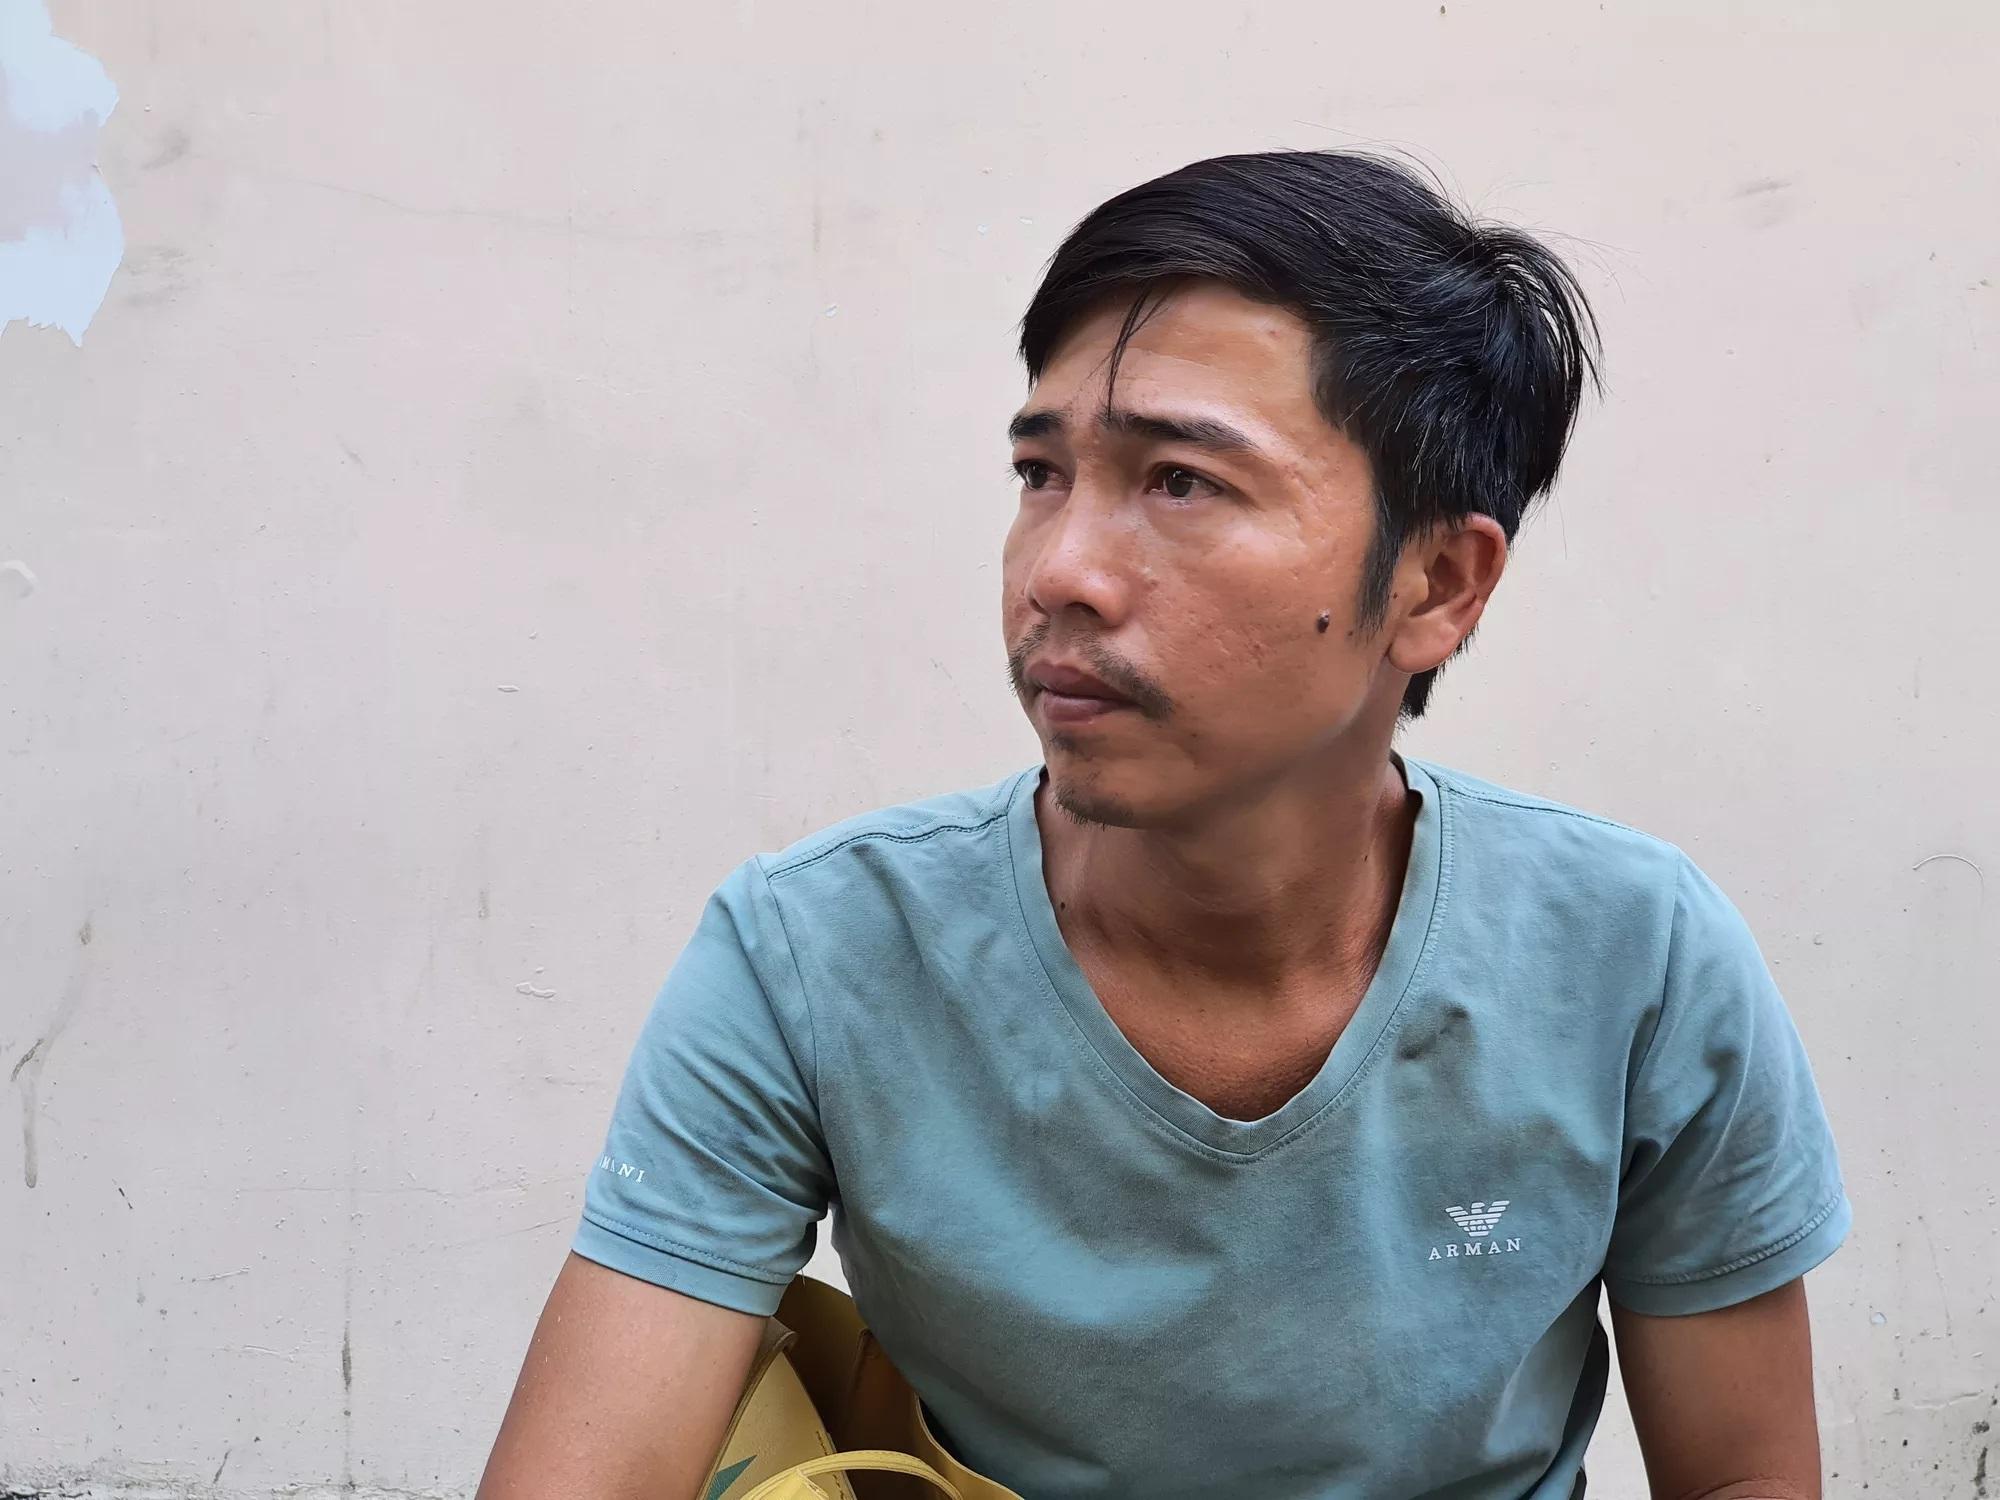 Vụ bé trai 6 tuổi bị dì ruột thiêu sống vì món nợ 3 triệu đồng: 'Thằng bé không chịu ăn uống, cứ hỏi ba ơi mẹ đâu rồi' - Ảnh 2